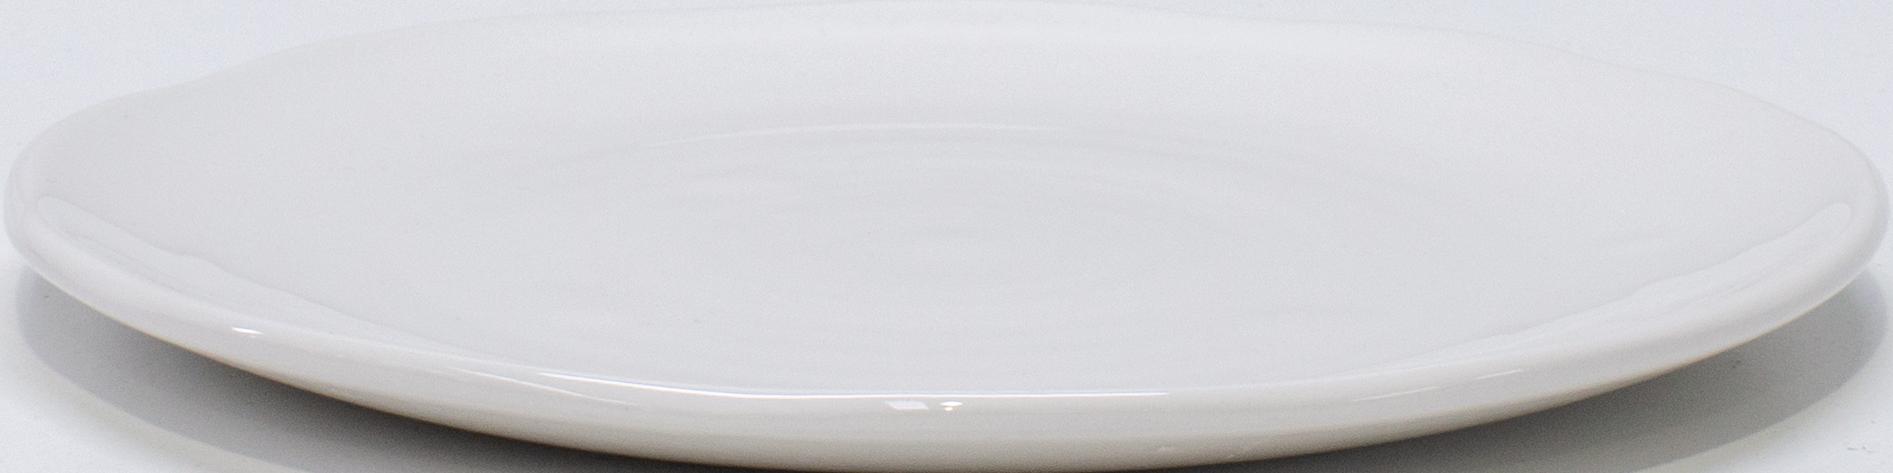 Estelle dinner plate